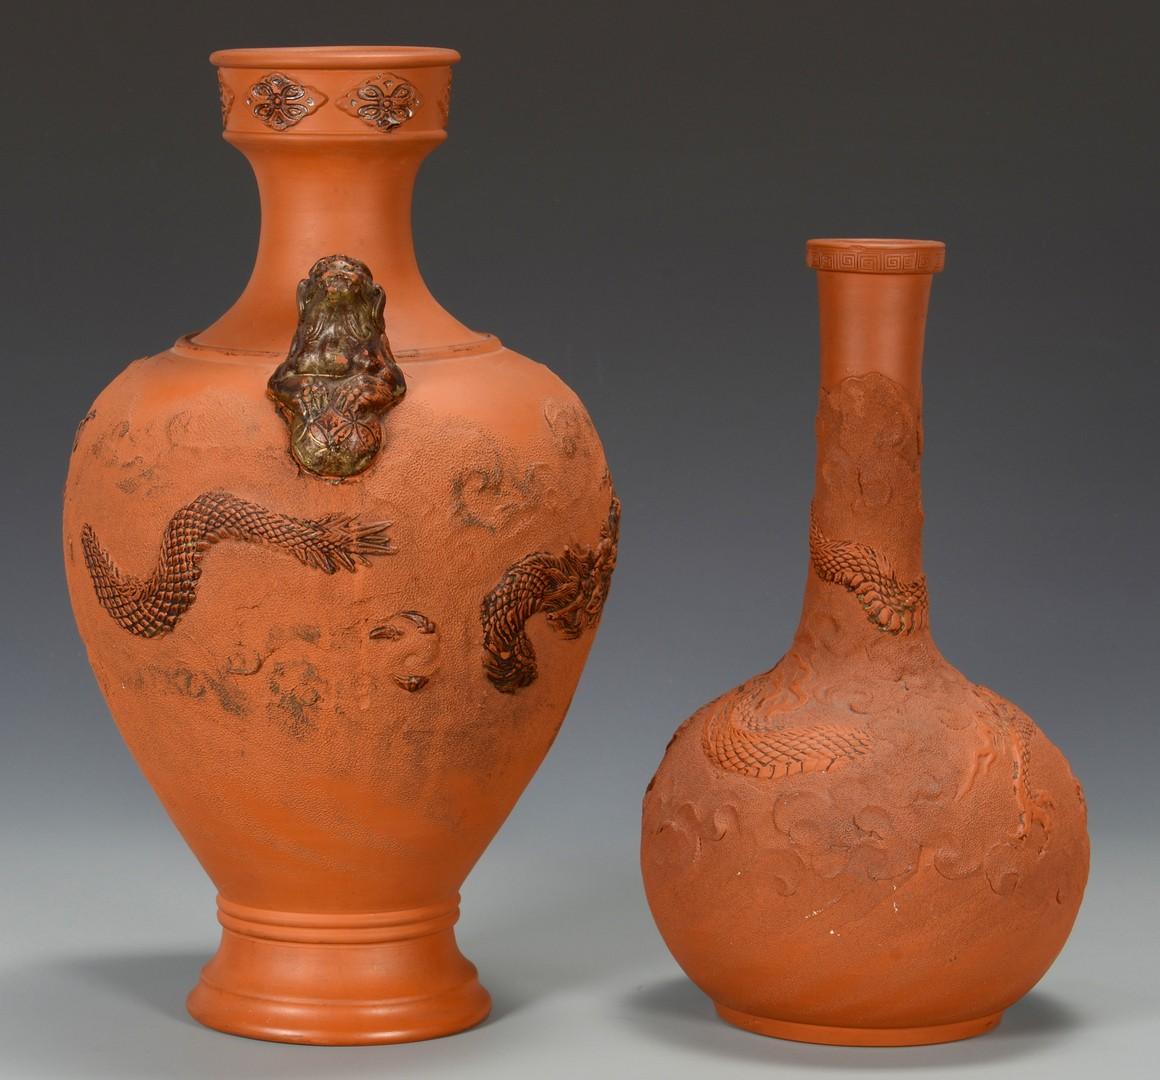 Lot 3594230: 2 Large Chinese Yixing Vases